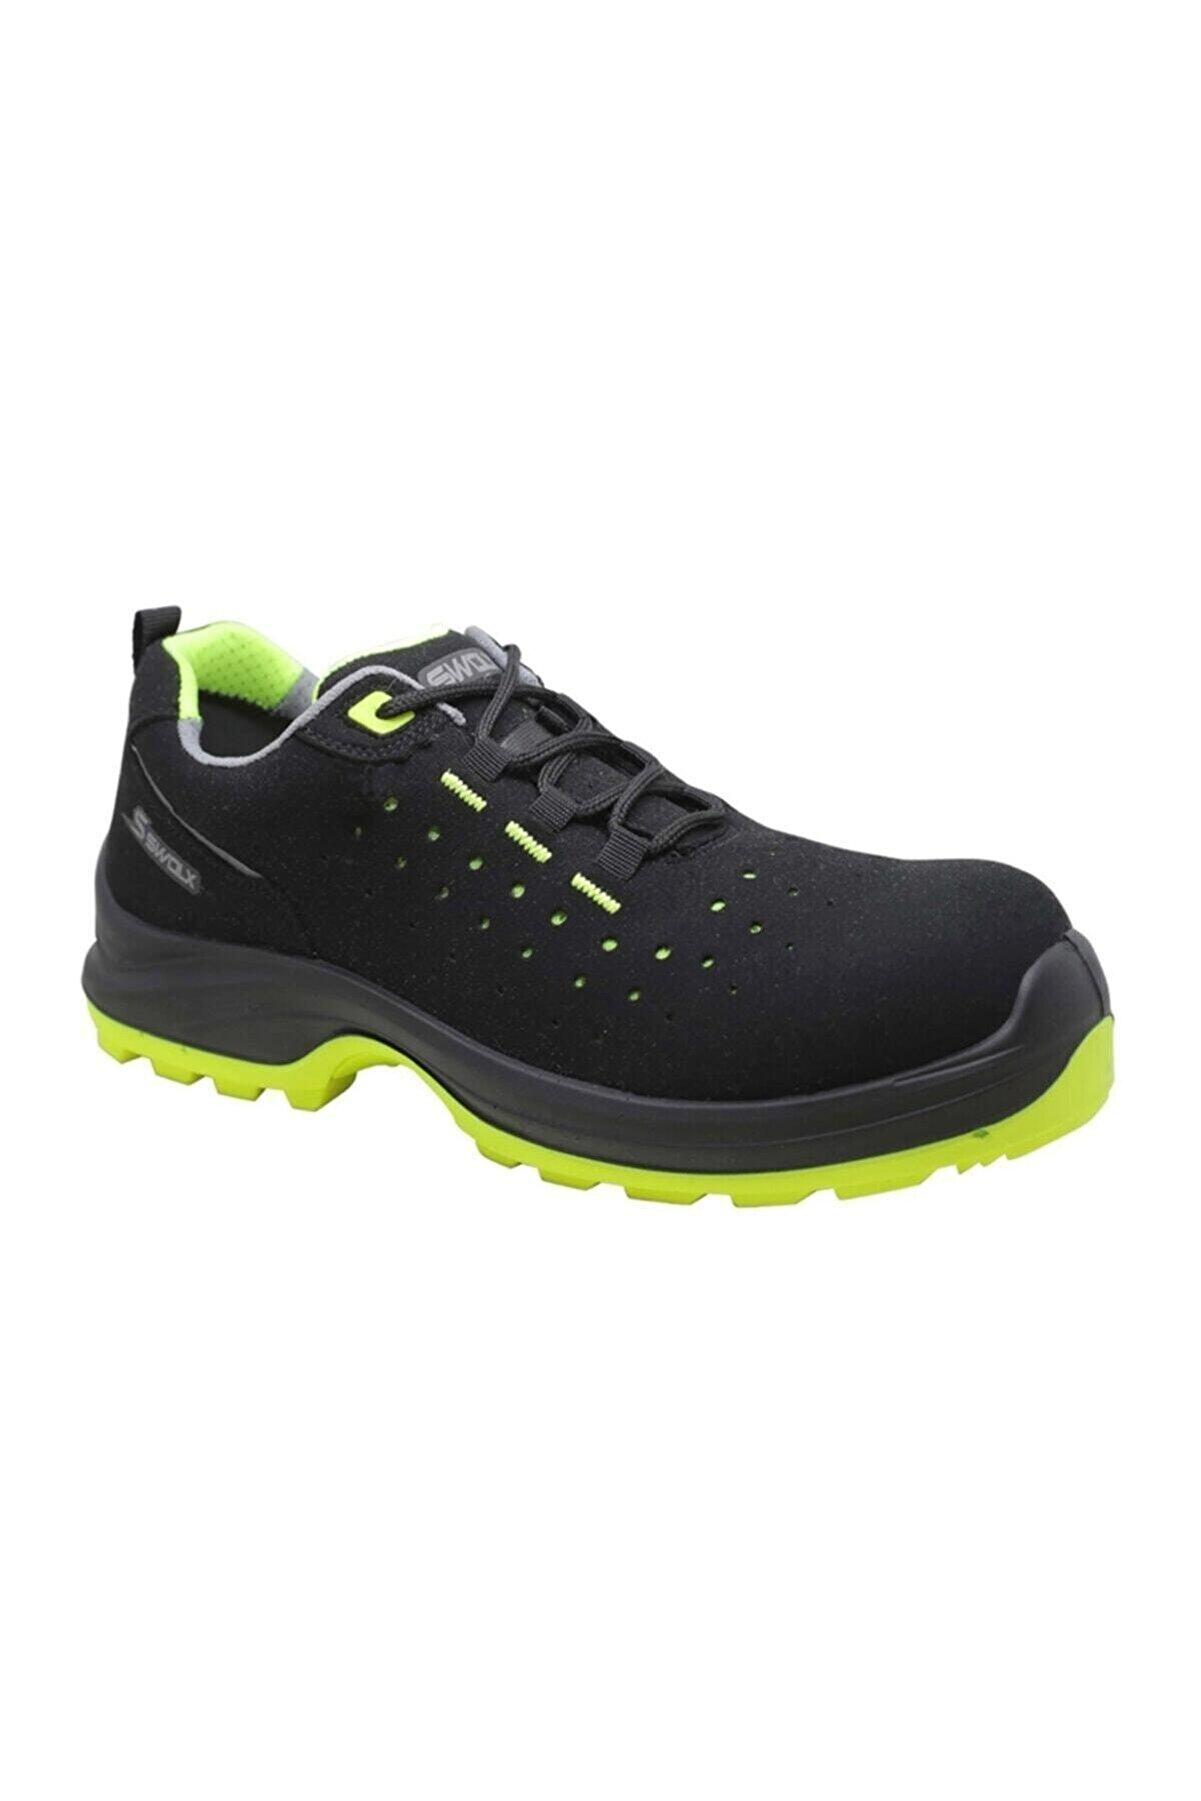 Swolx Combo X110 Iş Güvenliği Ayakkabı S1p Çelik Burun Çivi Geçirmez Taban